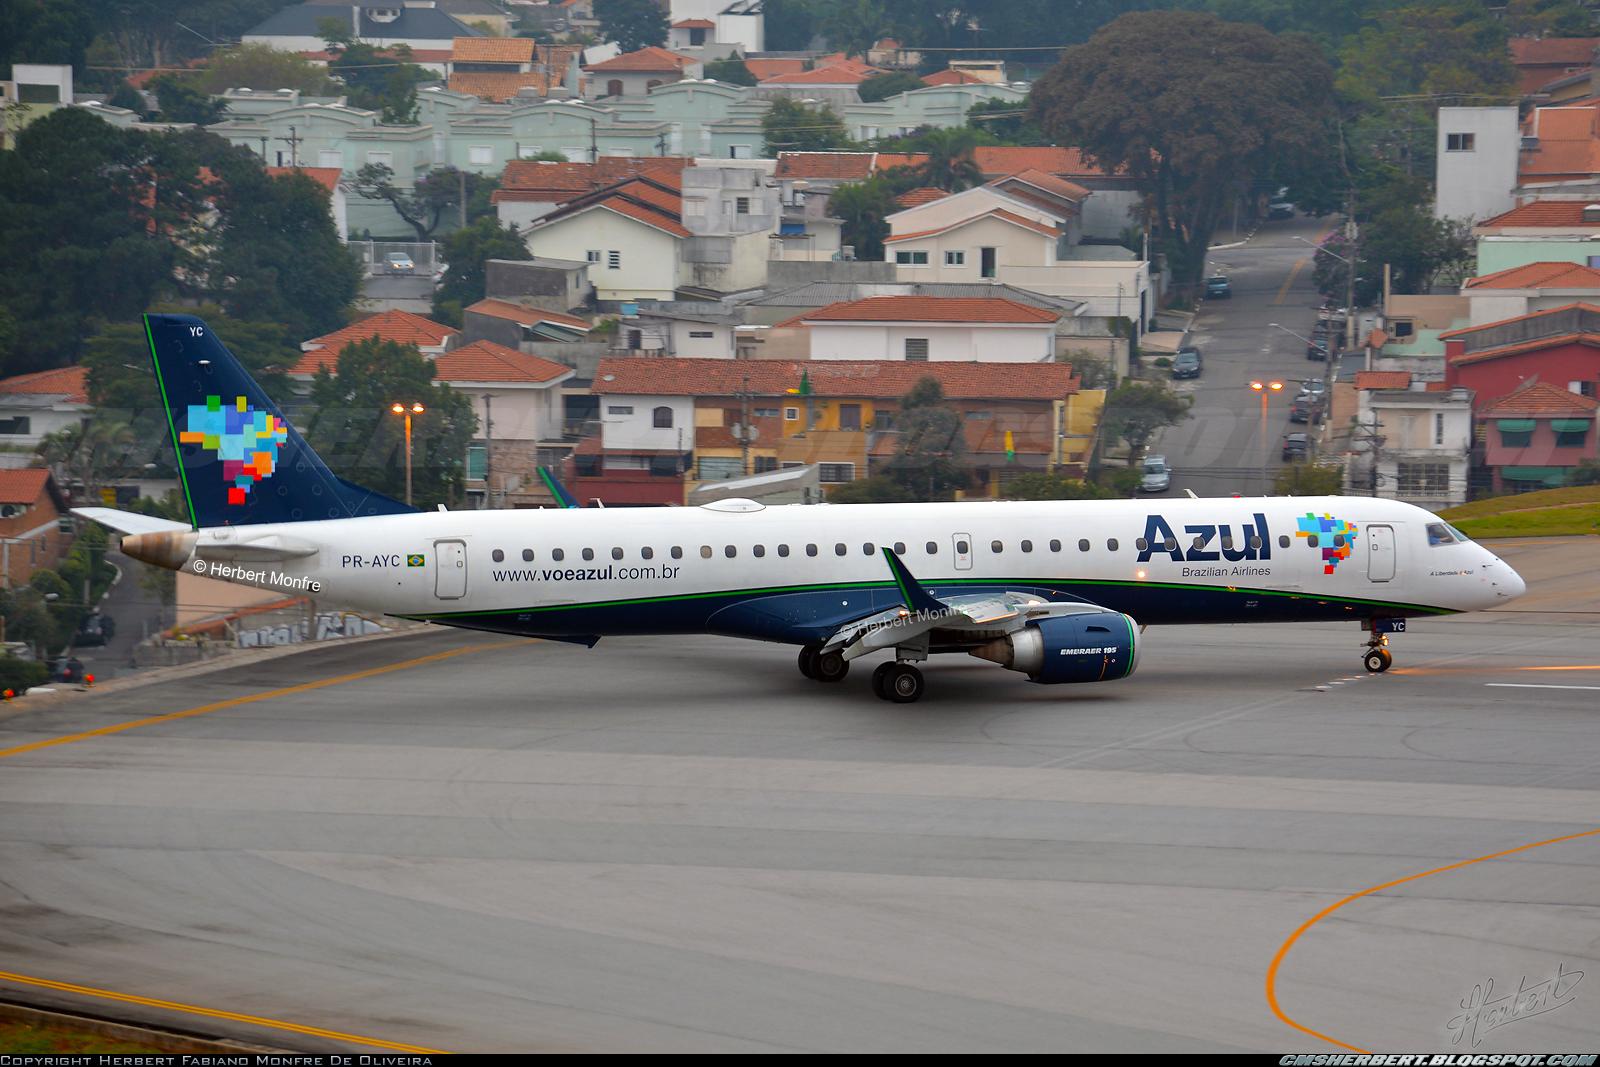 É MAIS QUE VOAR | Azul Linhas Aéreas é a empresa mais pontual do país